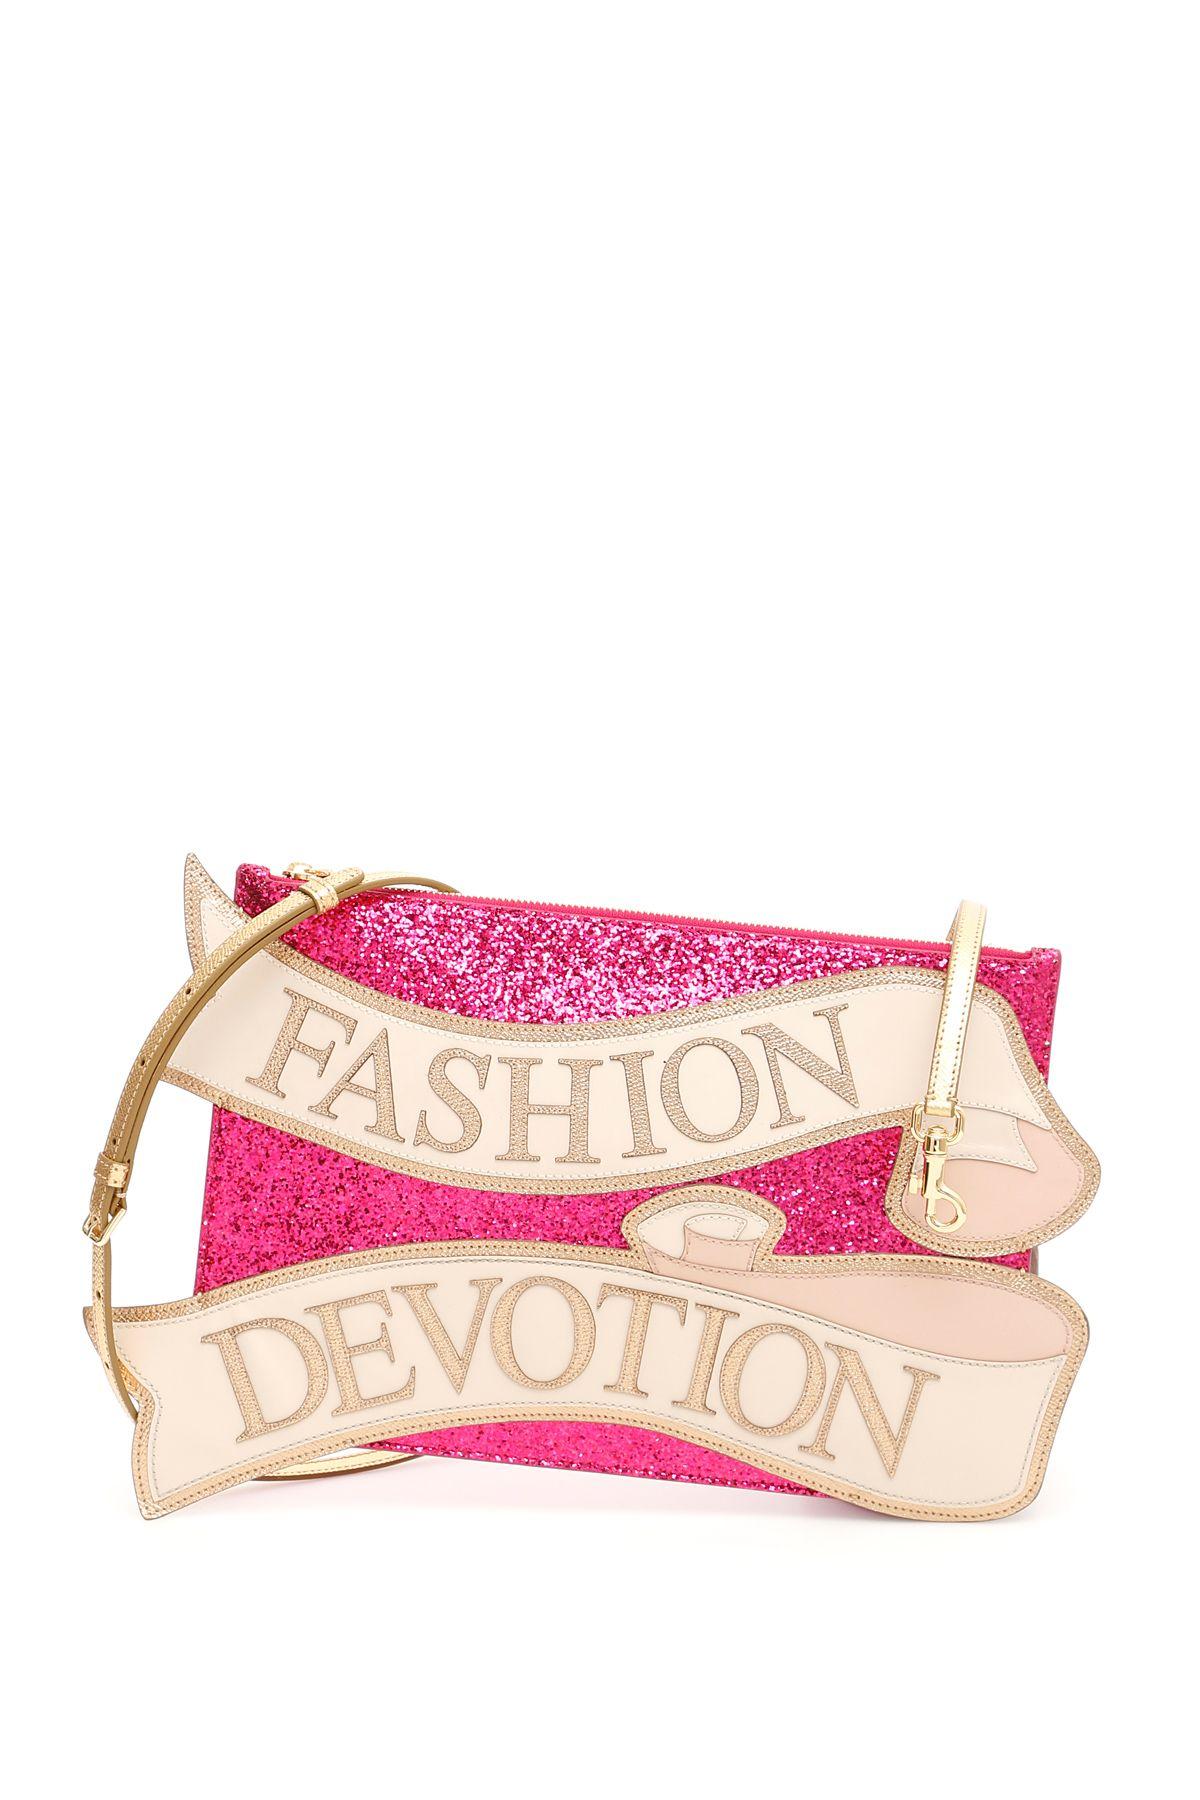 Fashion Devotion Clutch in Fuxia Multicolor